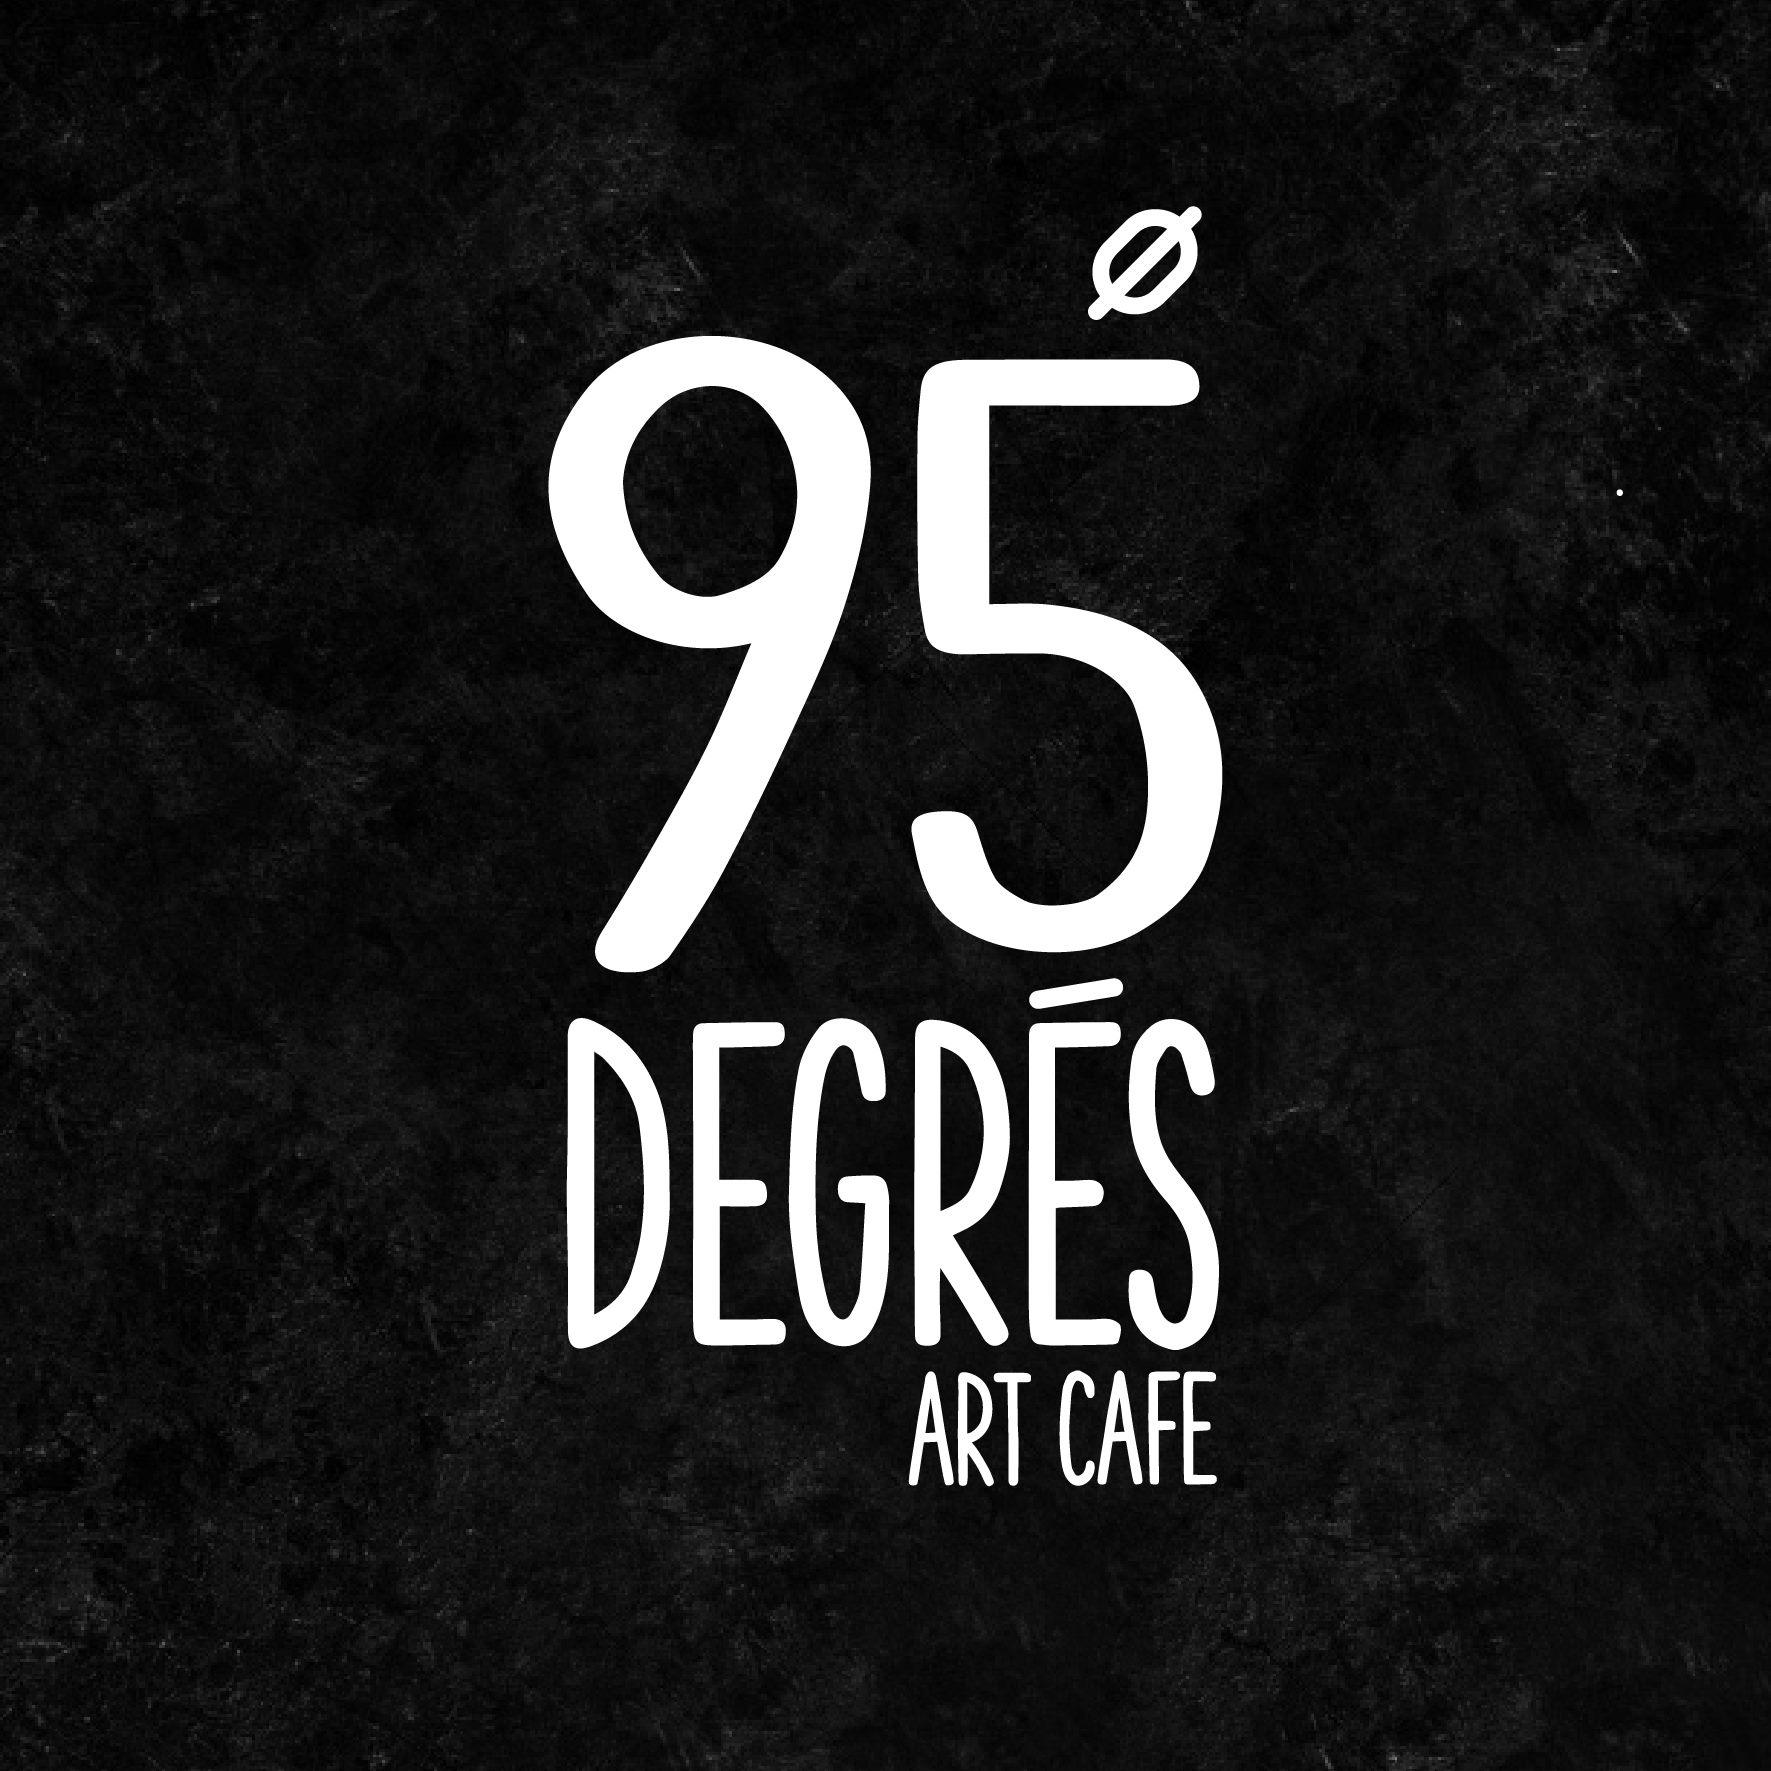 95 Degres Velo Café